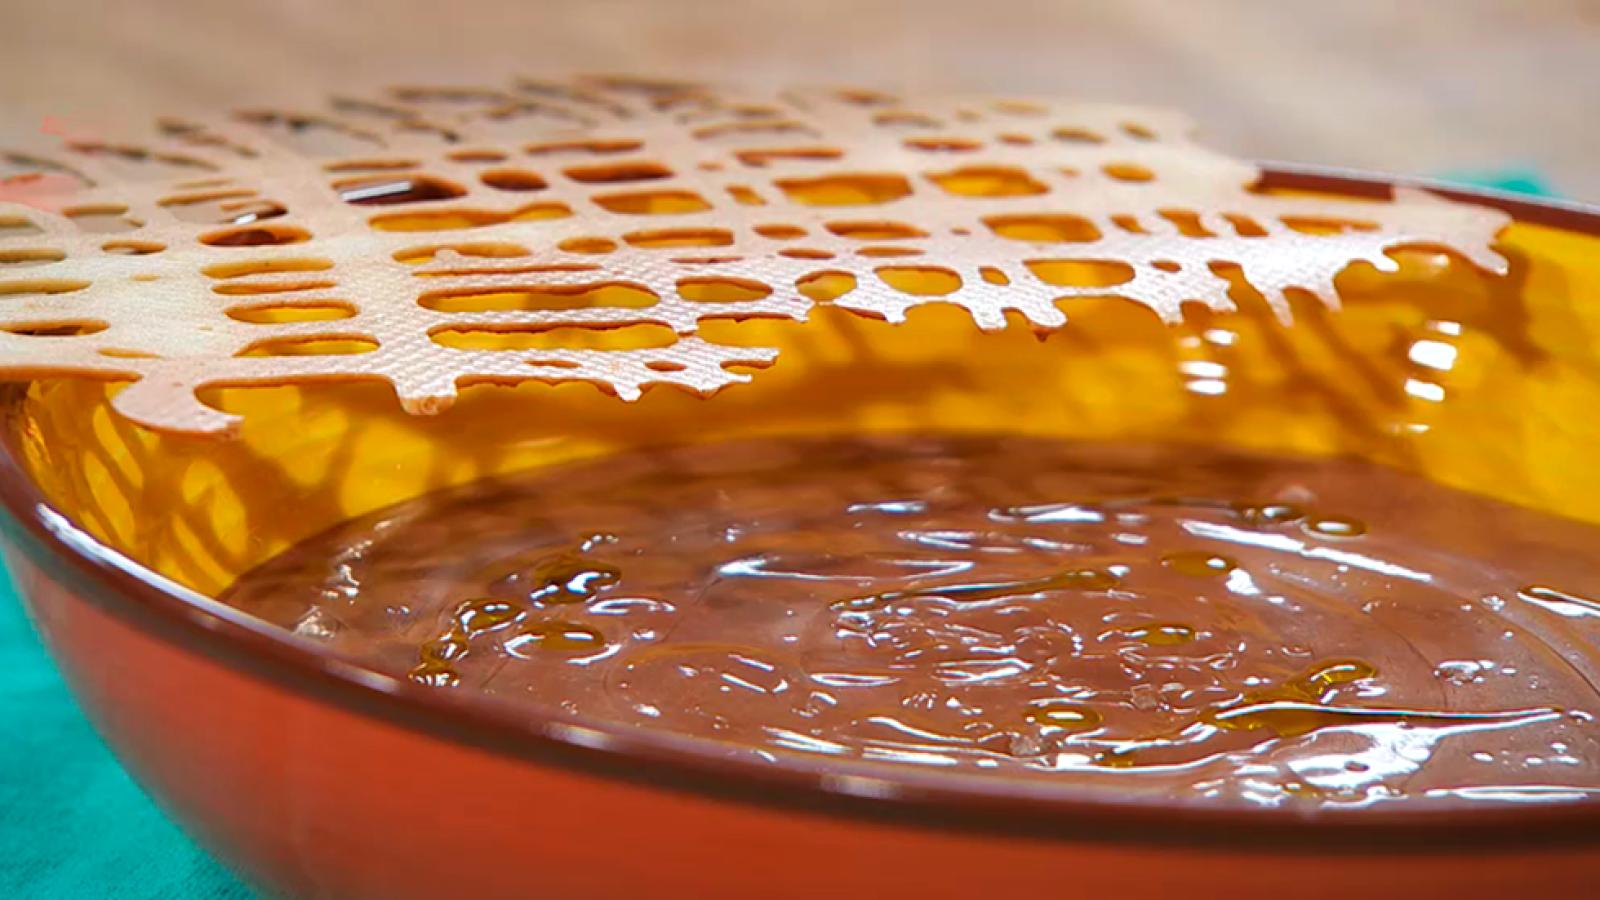 Receta de natillas de chocolate con sal y especias